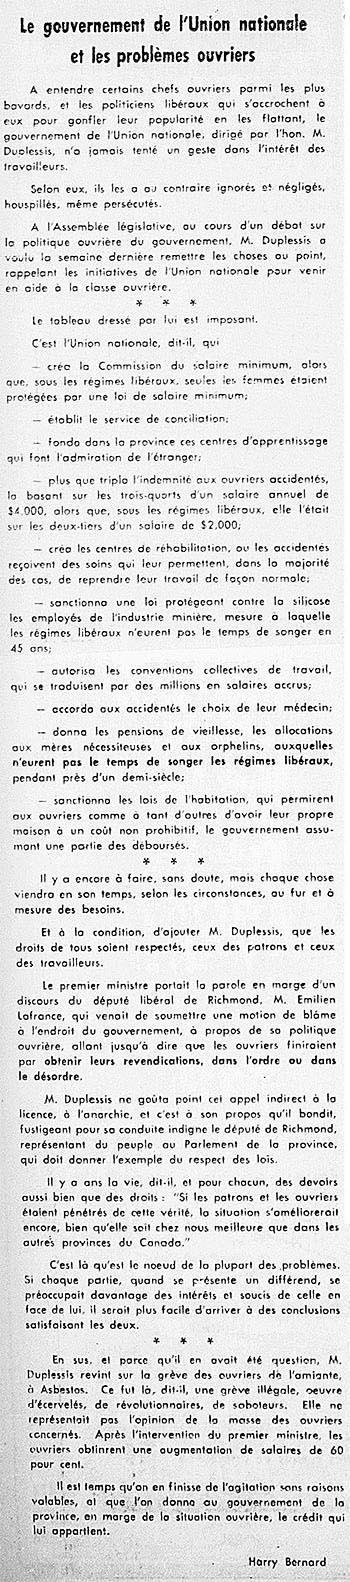 edito_12fevrier1959_350